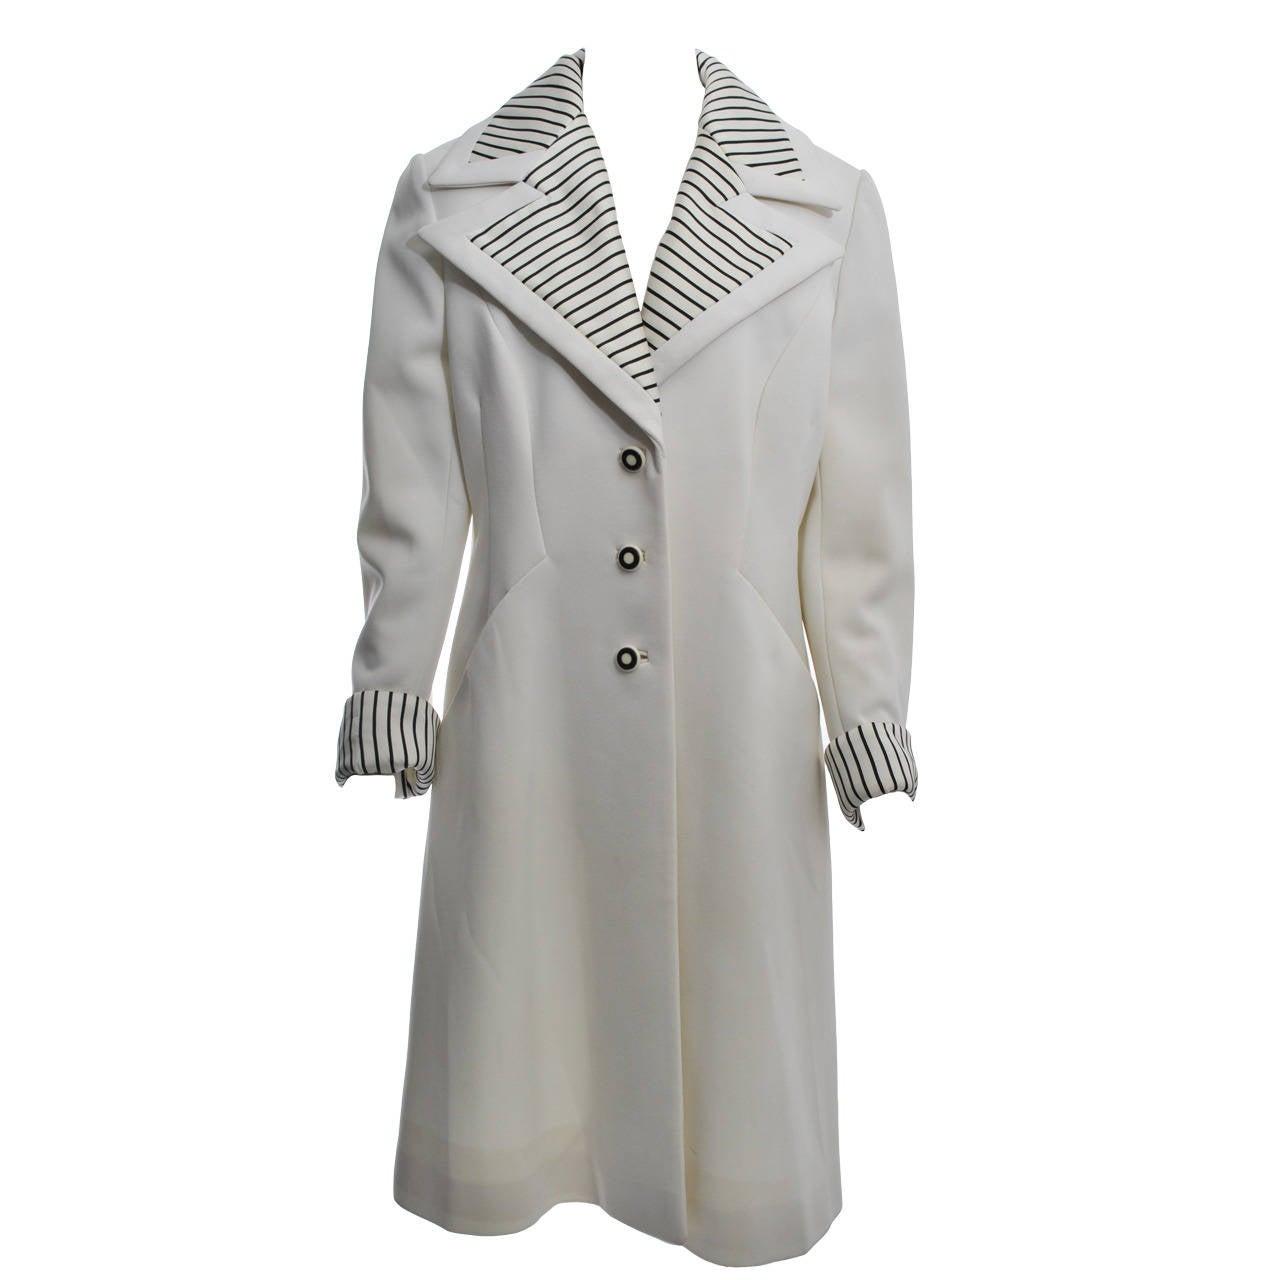 Lilli Ann White Coat w/Striped Detail, Large Size